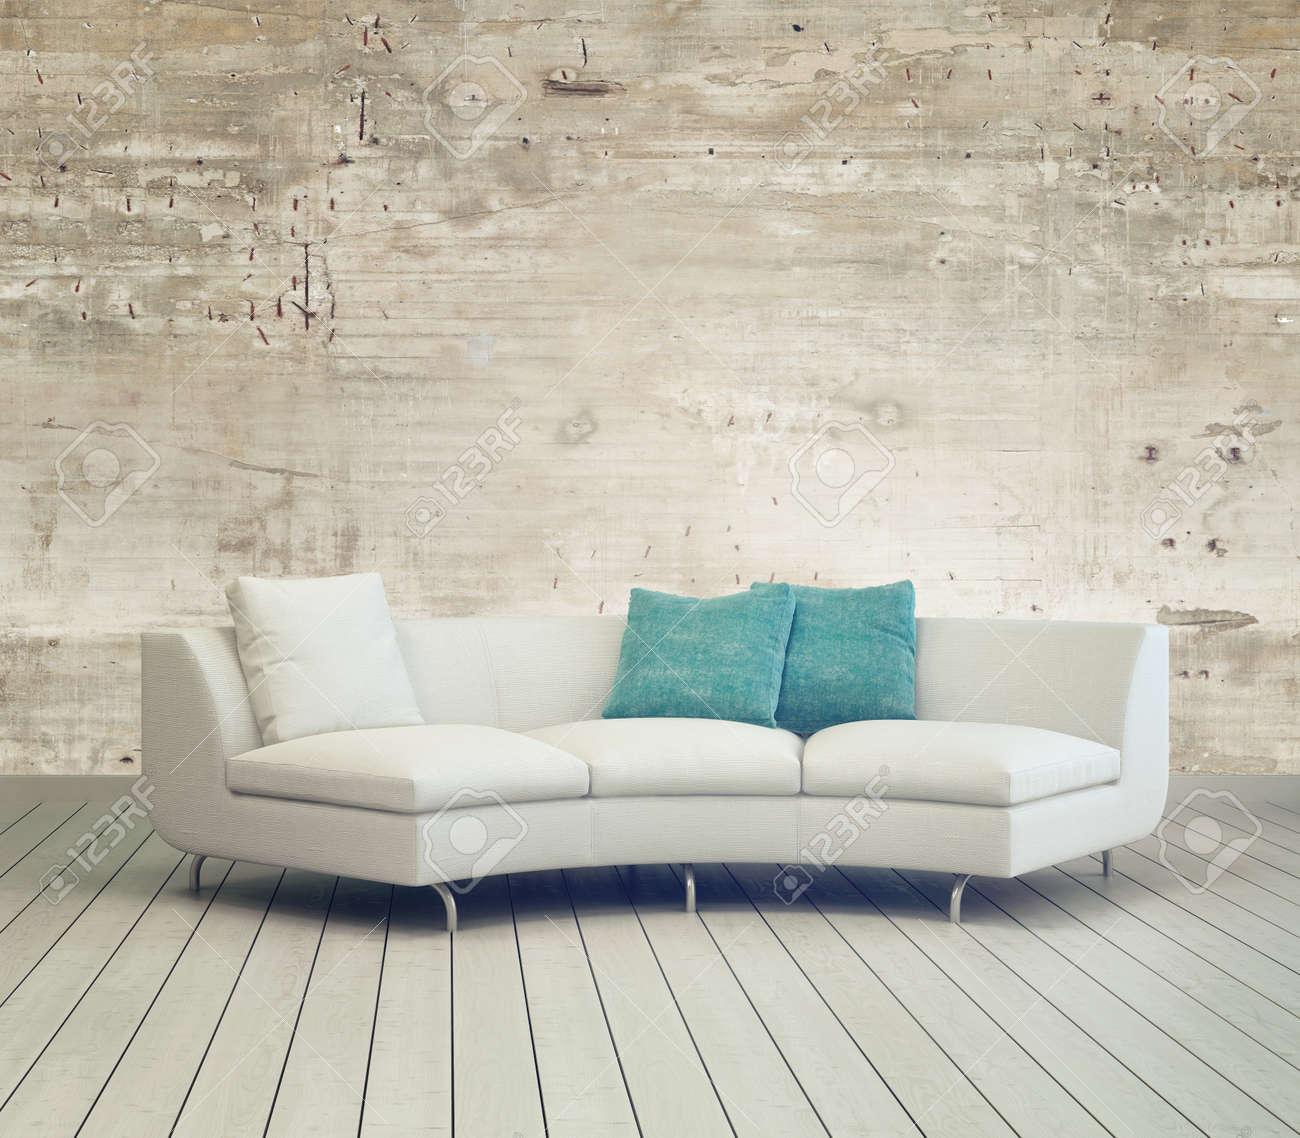 Vit soffa möbler på mysigt vardagsrum med unfinished vägg bakgrund ...